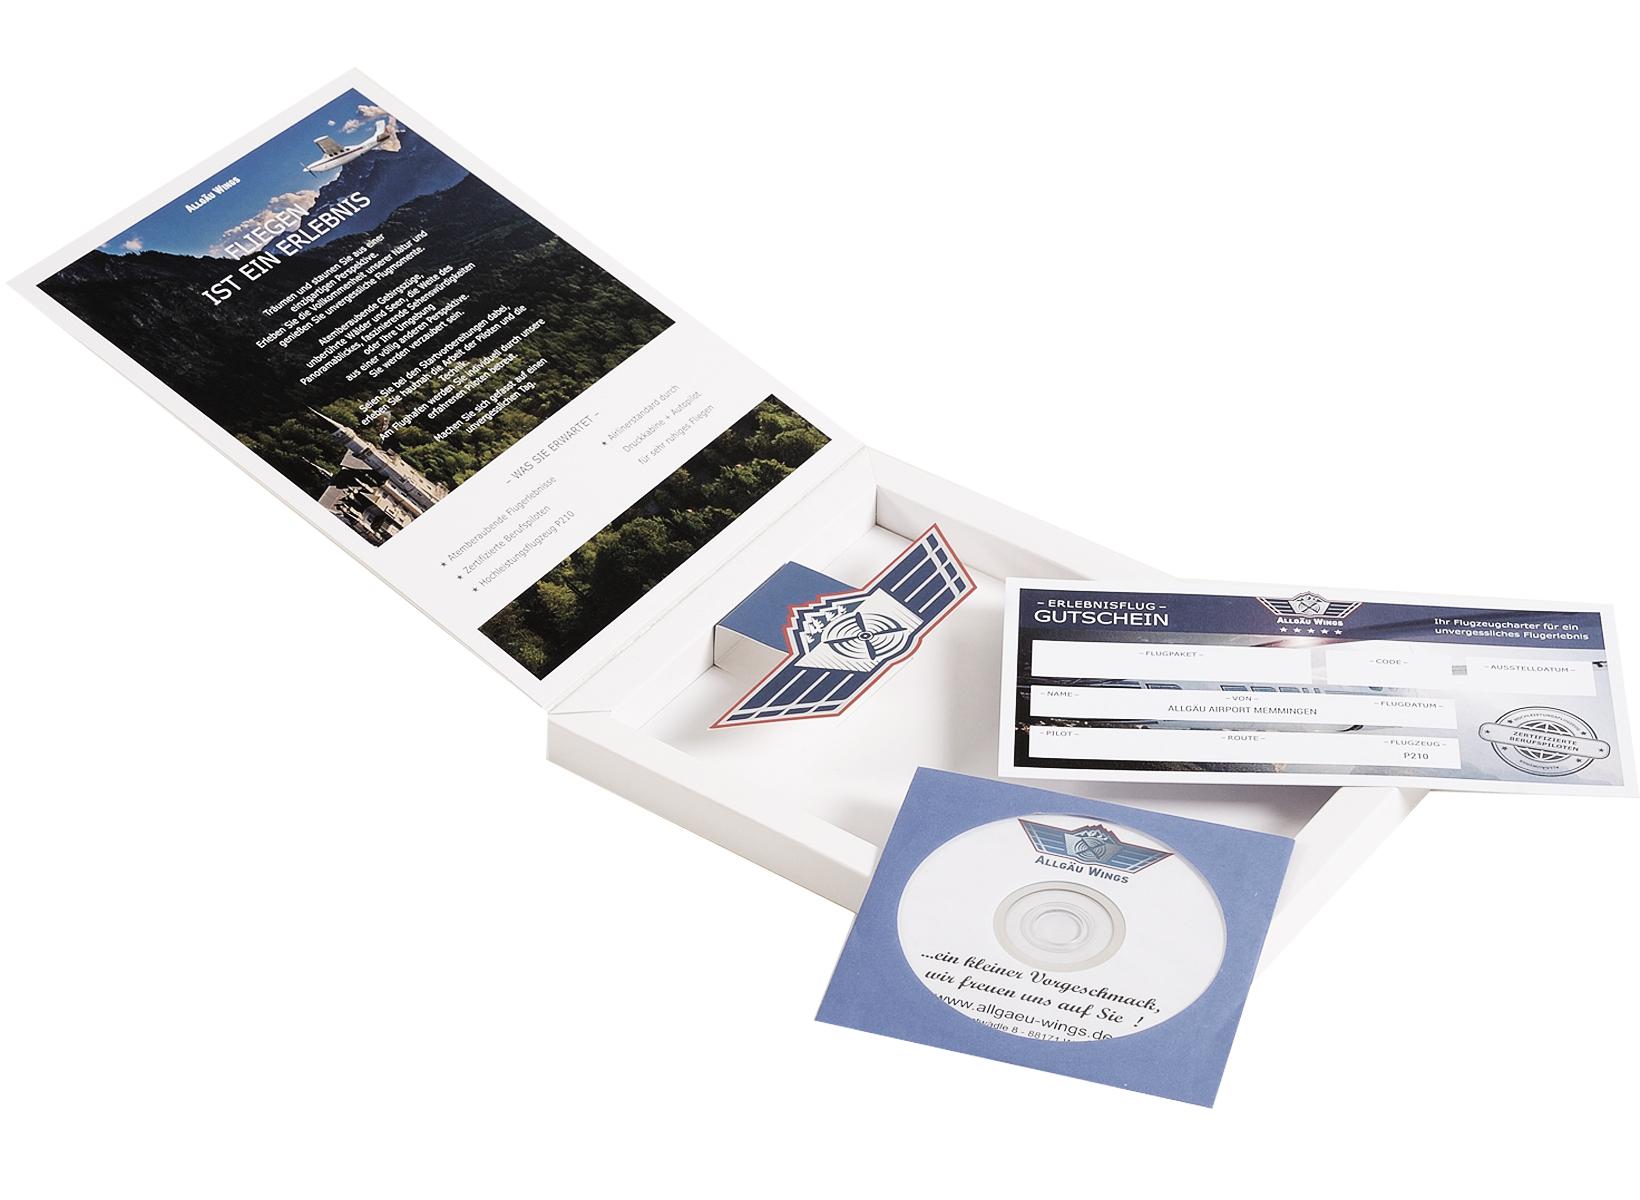 Geschenk Erlebnisbox Alpenrundflug